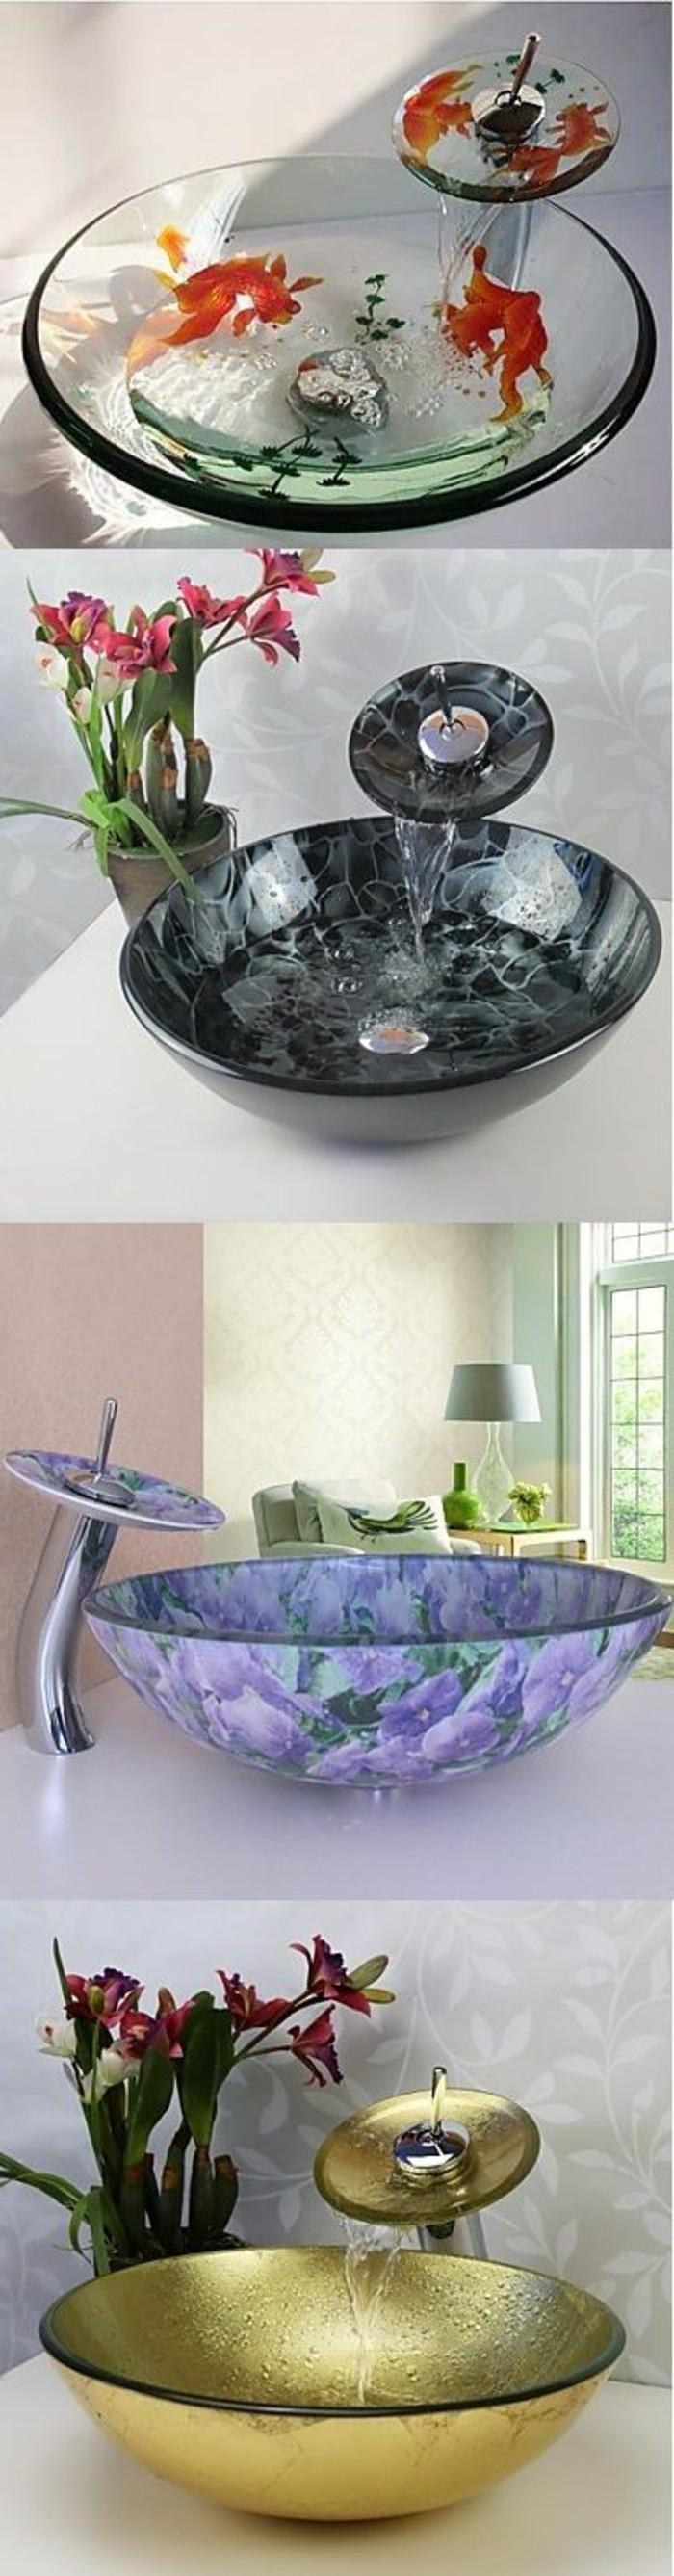 badezimmer-deko-bader-ideen-moderne-waschbecken